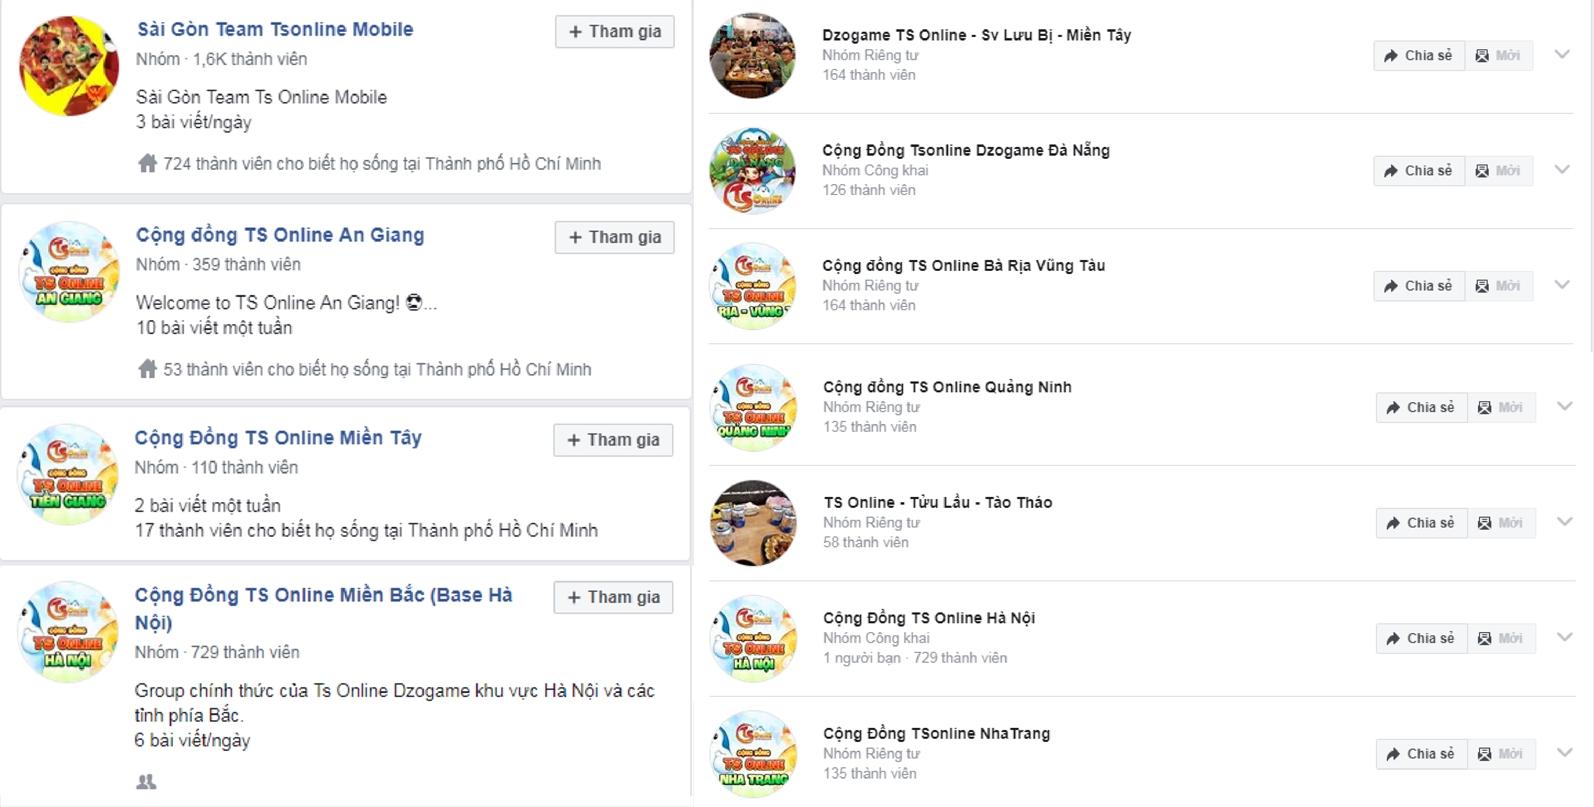 Cộng đồng TS Online Mobile hoạt động mạnh mẽ sau 2 tháng ra mắt 1